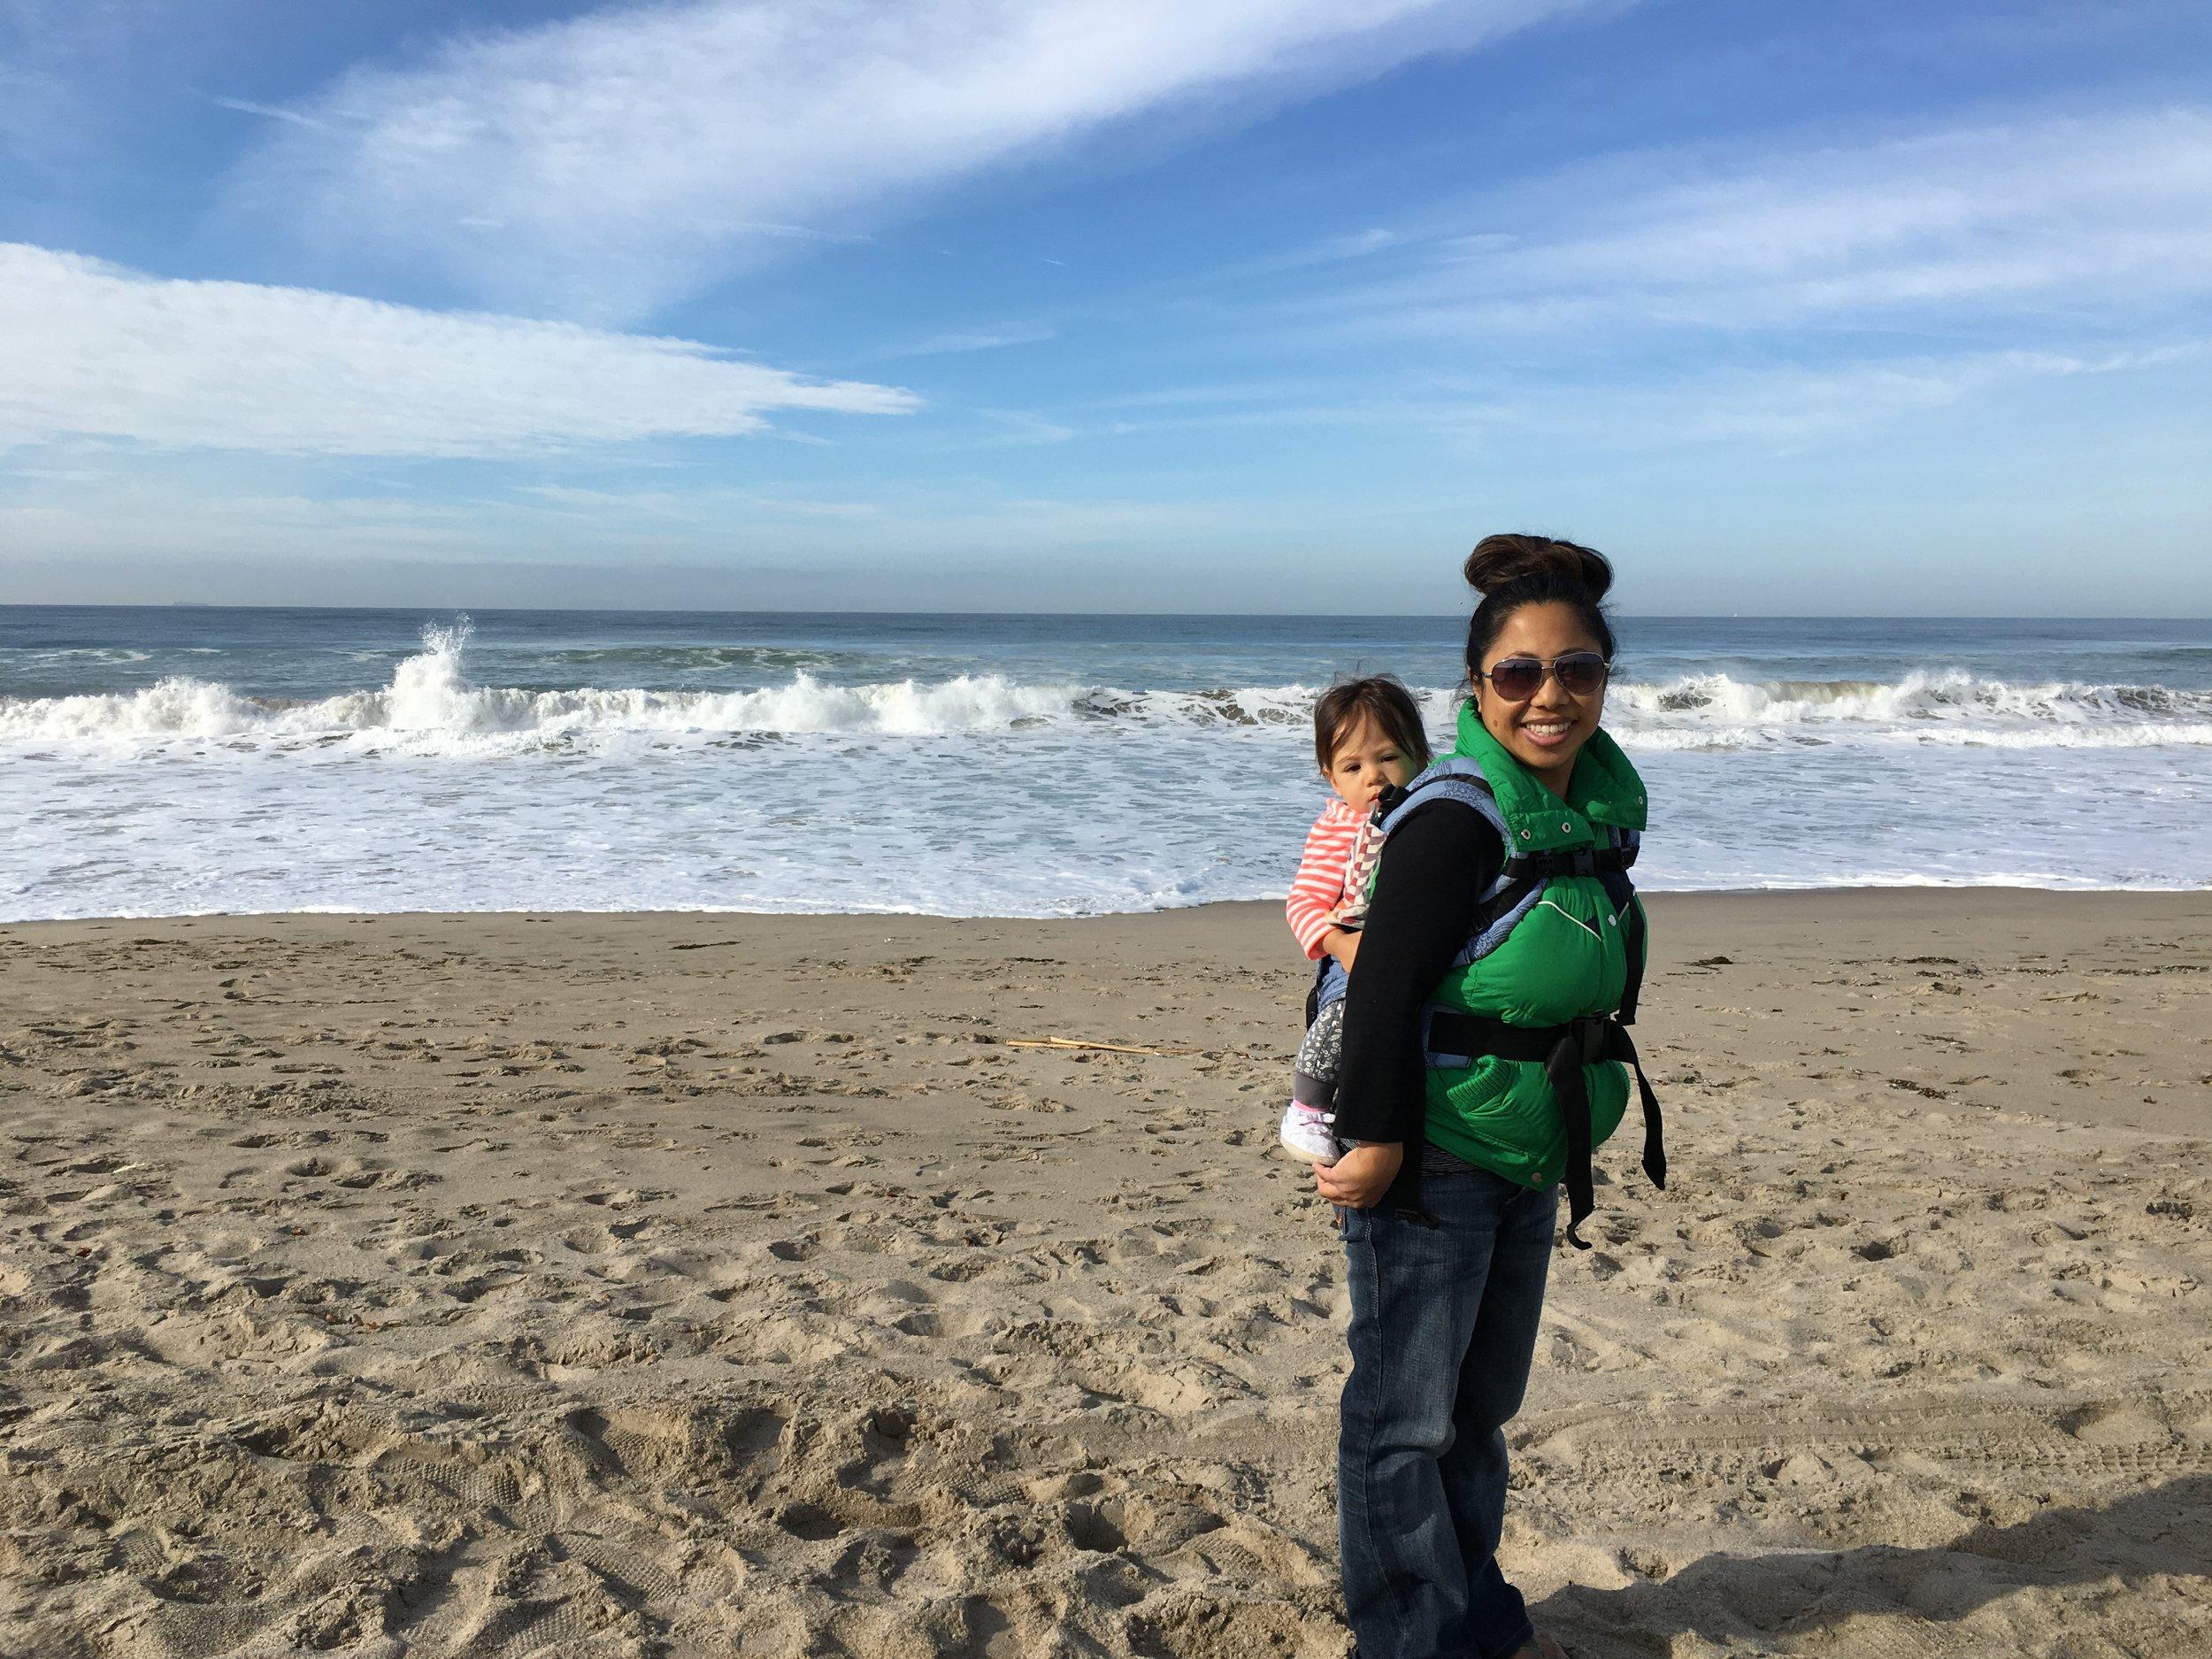 pic-of-me-and-kirra-at-beach-12-5-2016.jpg